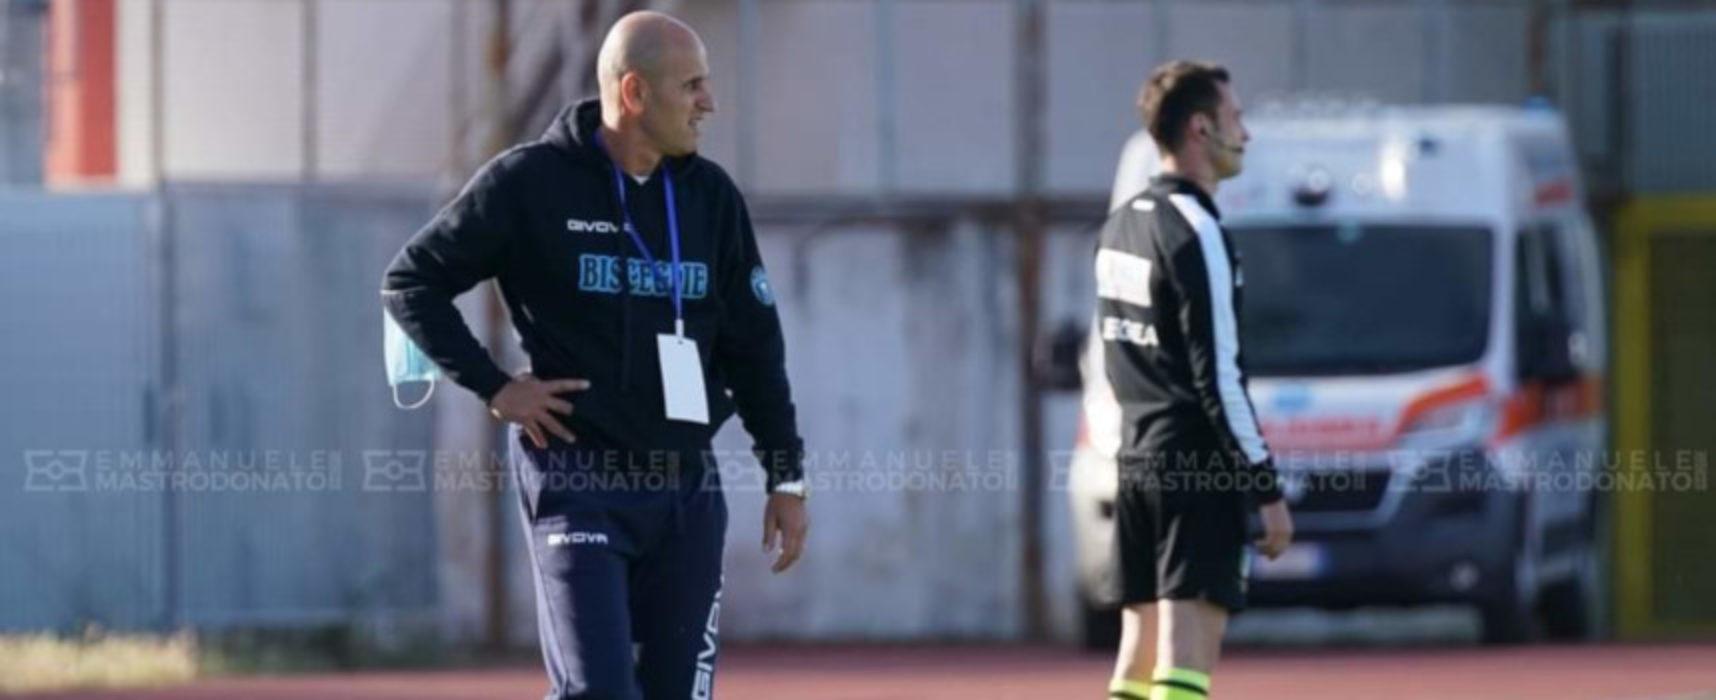 """E' l'ora della verità per il Bisceglie Calcio, Bucaro: """"A Pagani senza pensare all'andata"""""""